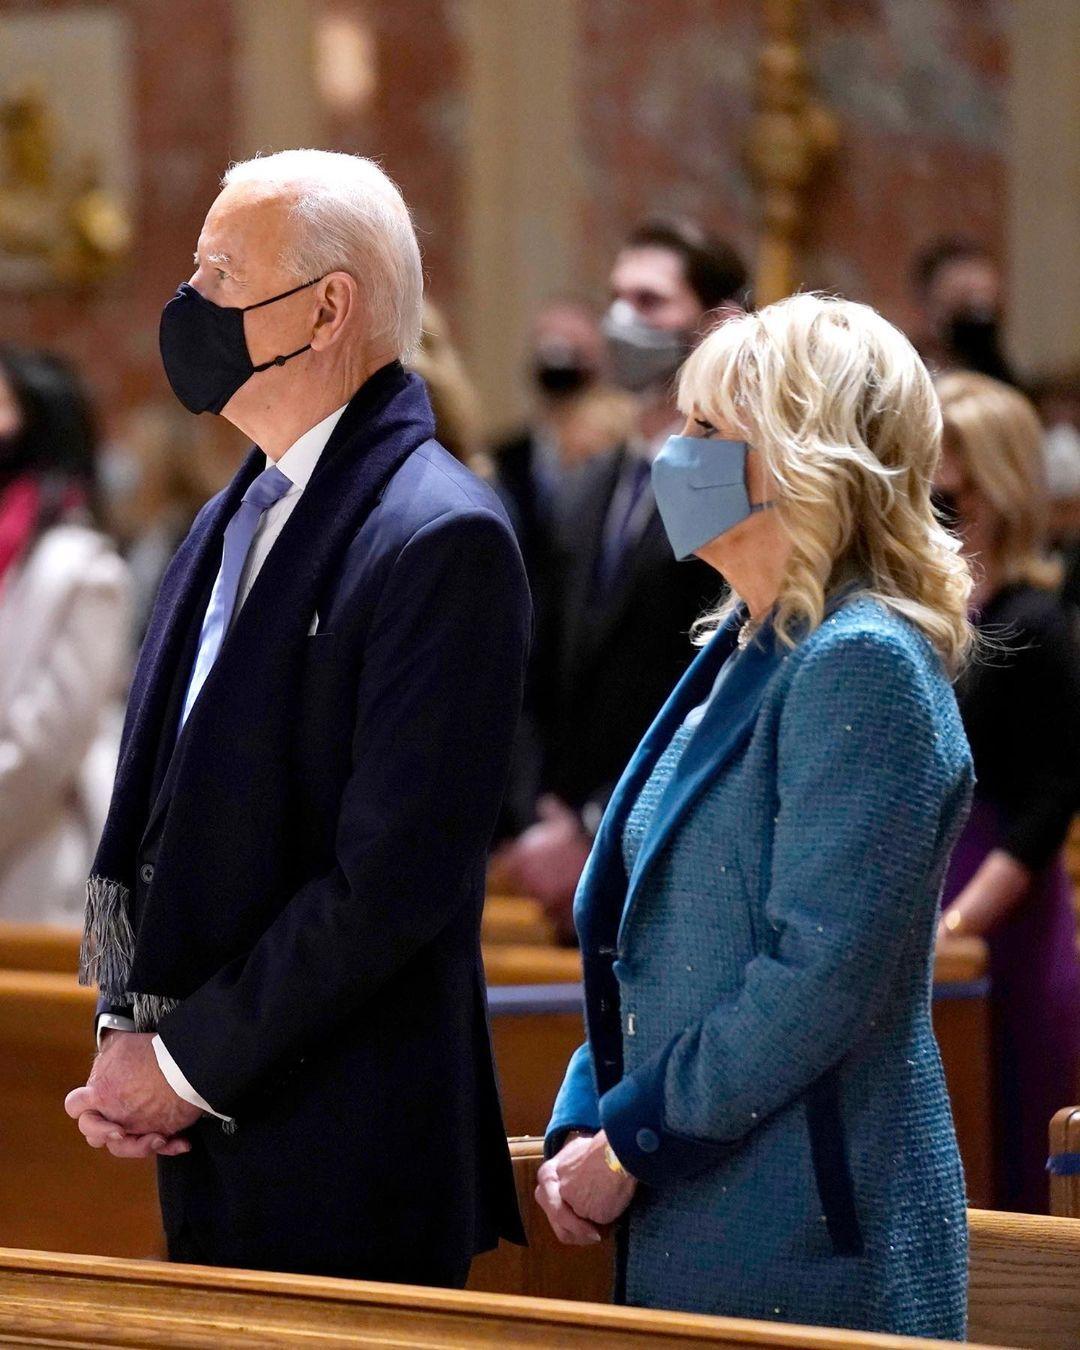 Makna Warna Biru Pakaian Joe dan Jill Biden di Hari Pelantikan 2021